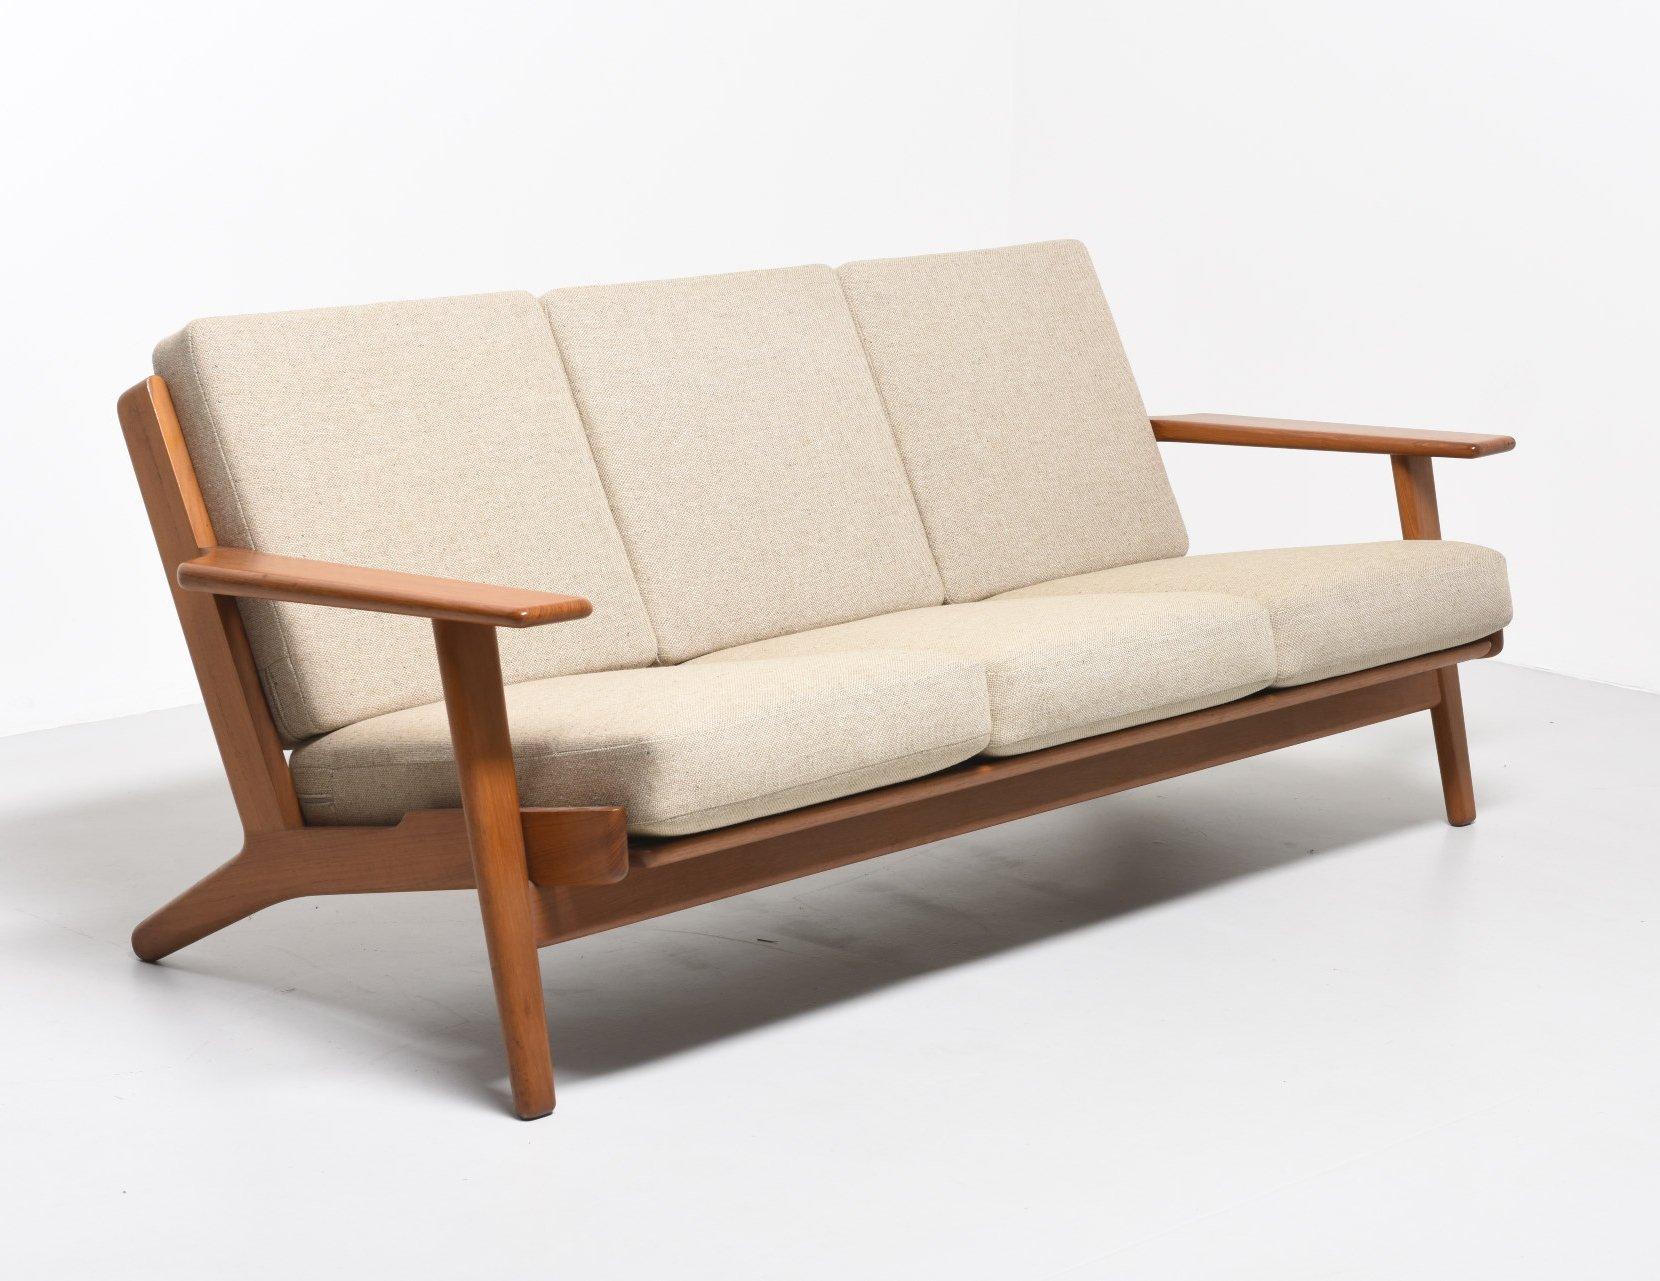 hans wegner sofa ch163 sofas coventry fabmod rakuten global market j